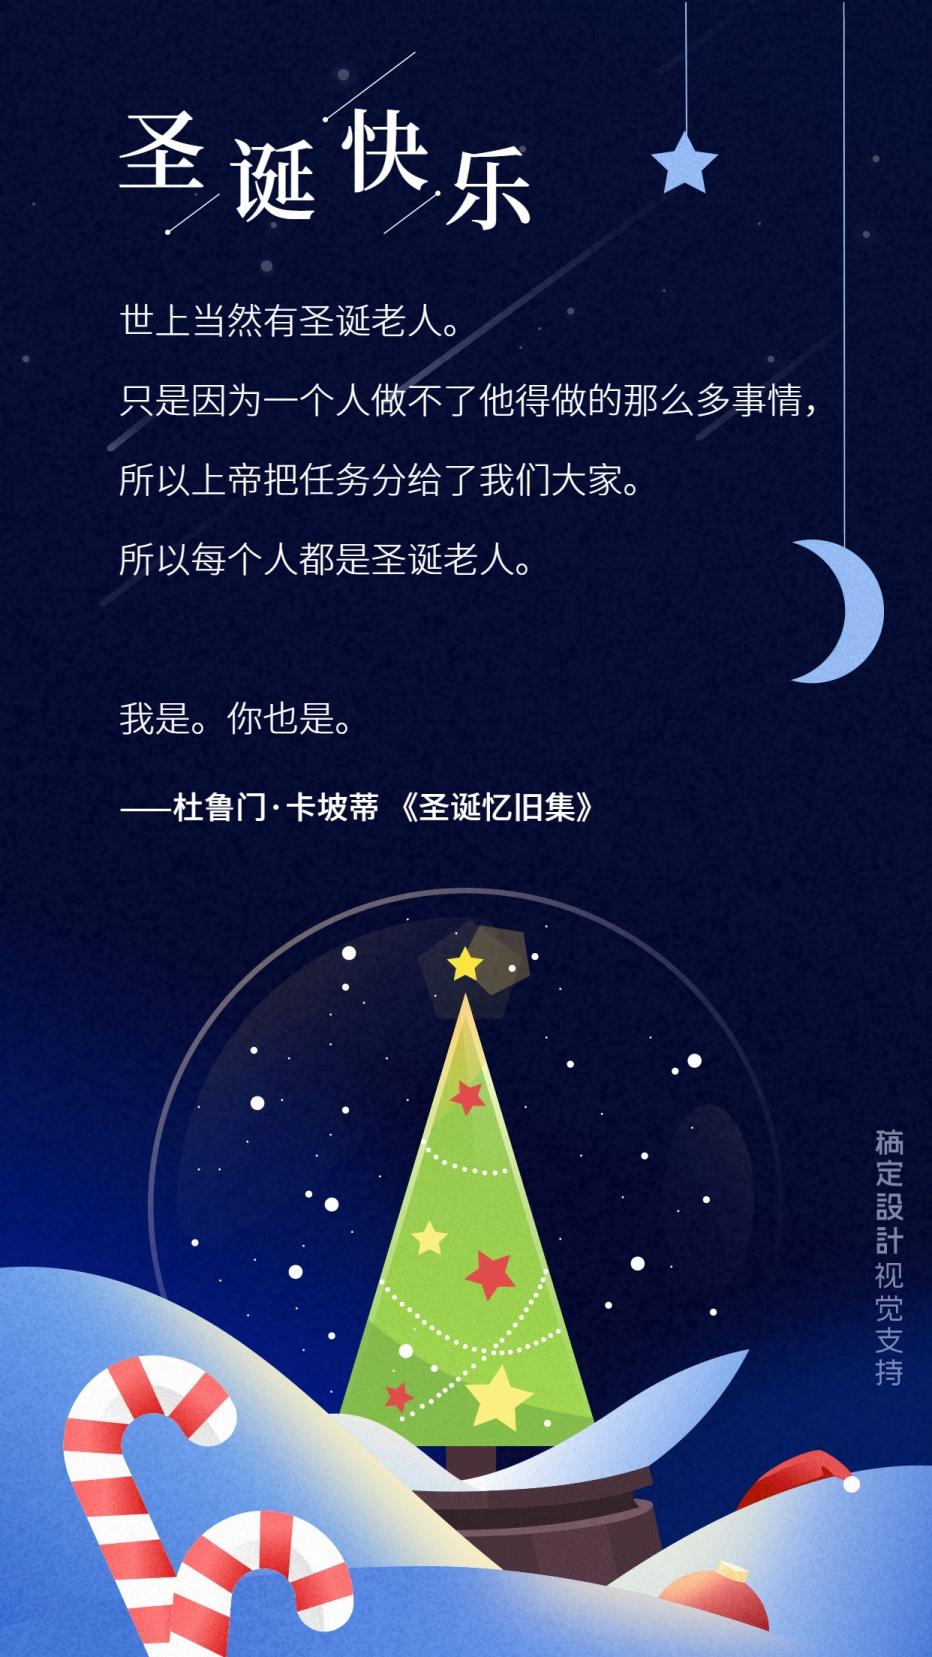 文艺/圣诞节/祝福语